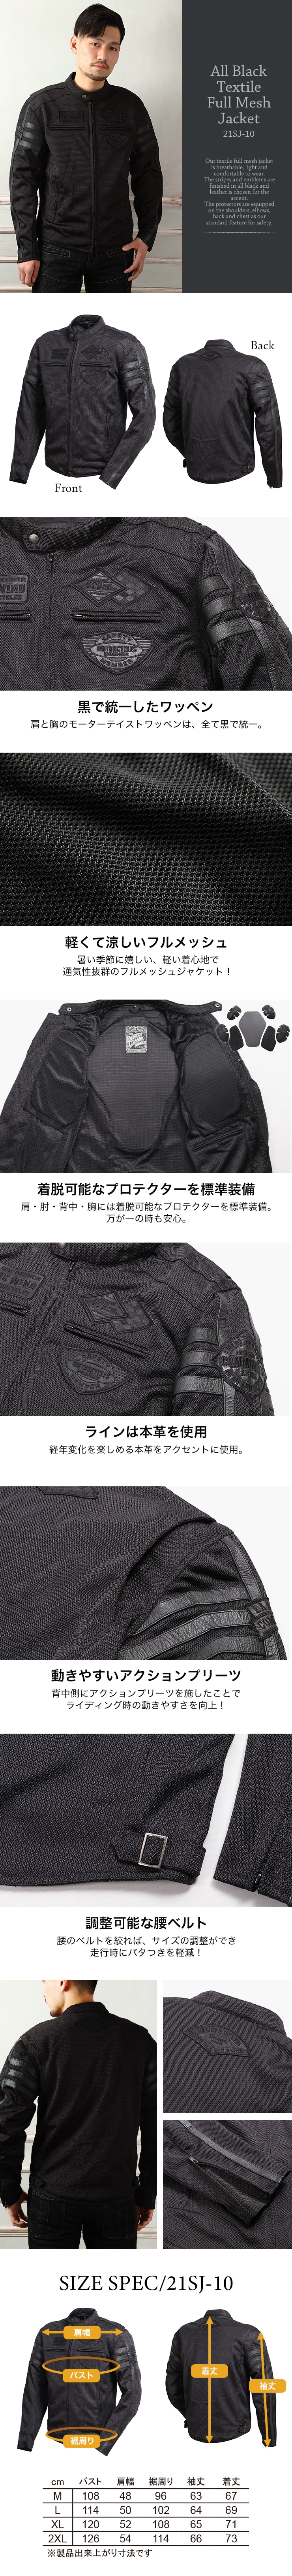 デグナー DEGNER オールブラックテキスタイルフルメッシュジャケット 21SJ-10 メンズ テキスタイル ブラック 夏